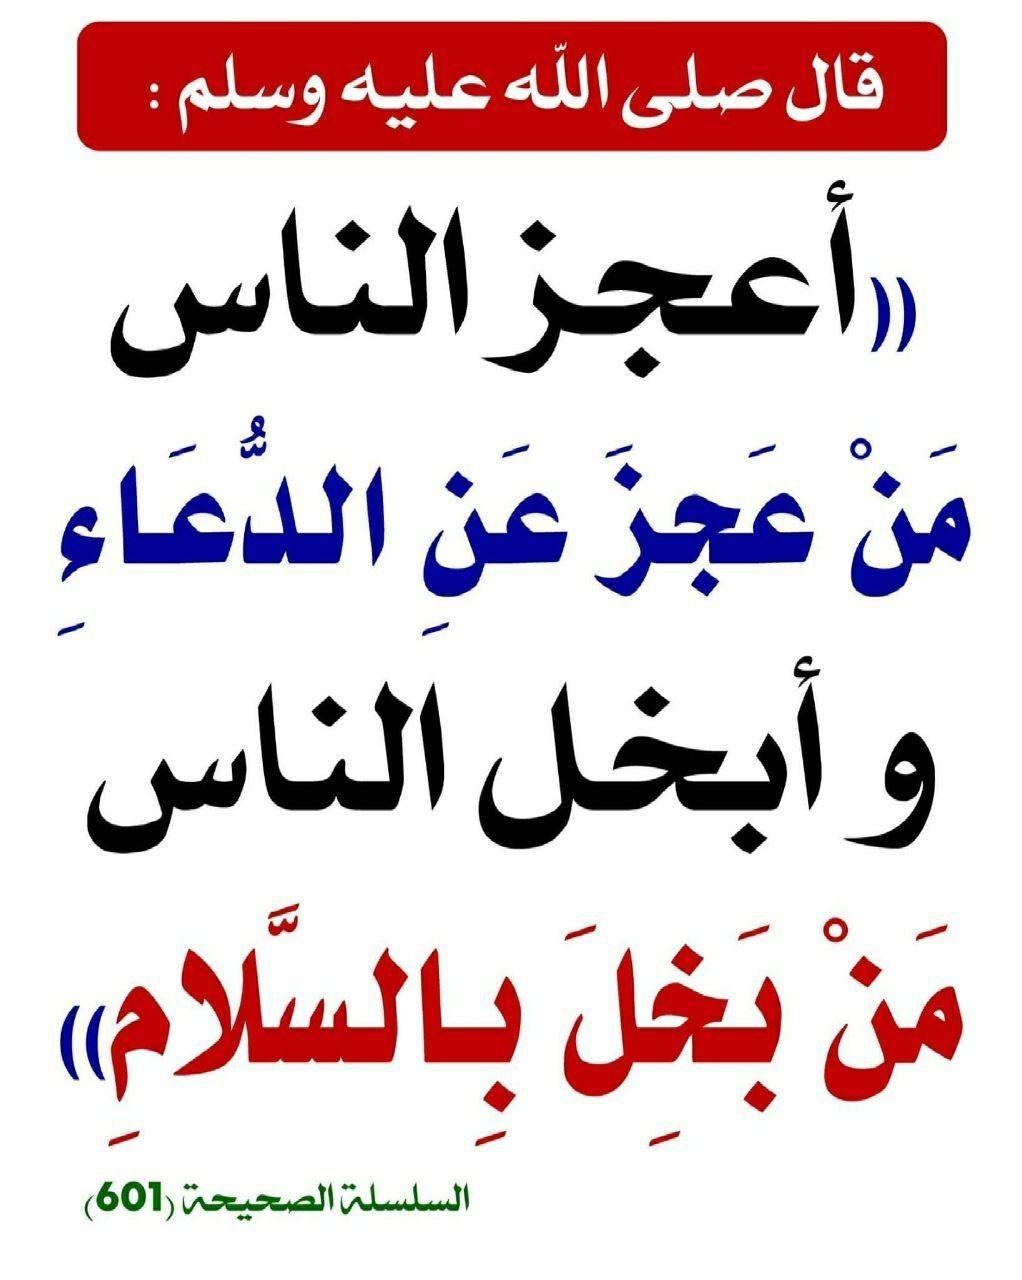 إن أبخل الناس من بخل بالسلام و أعجز الناس من عجز عن الدعاء الراوي أبو هريرة المحدث الألباني Islamic Love Quotes Islam Facts Islamic Phrases